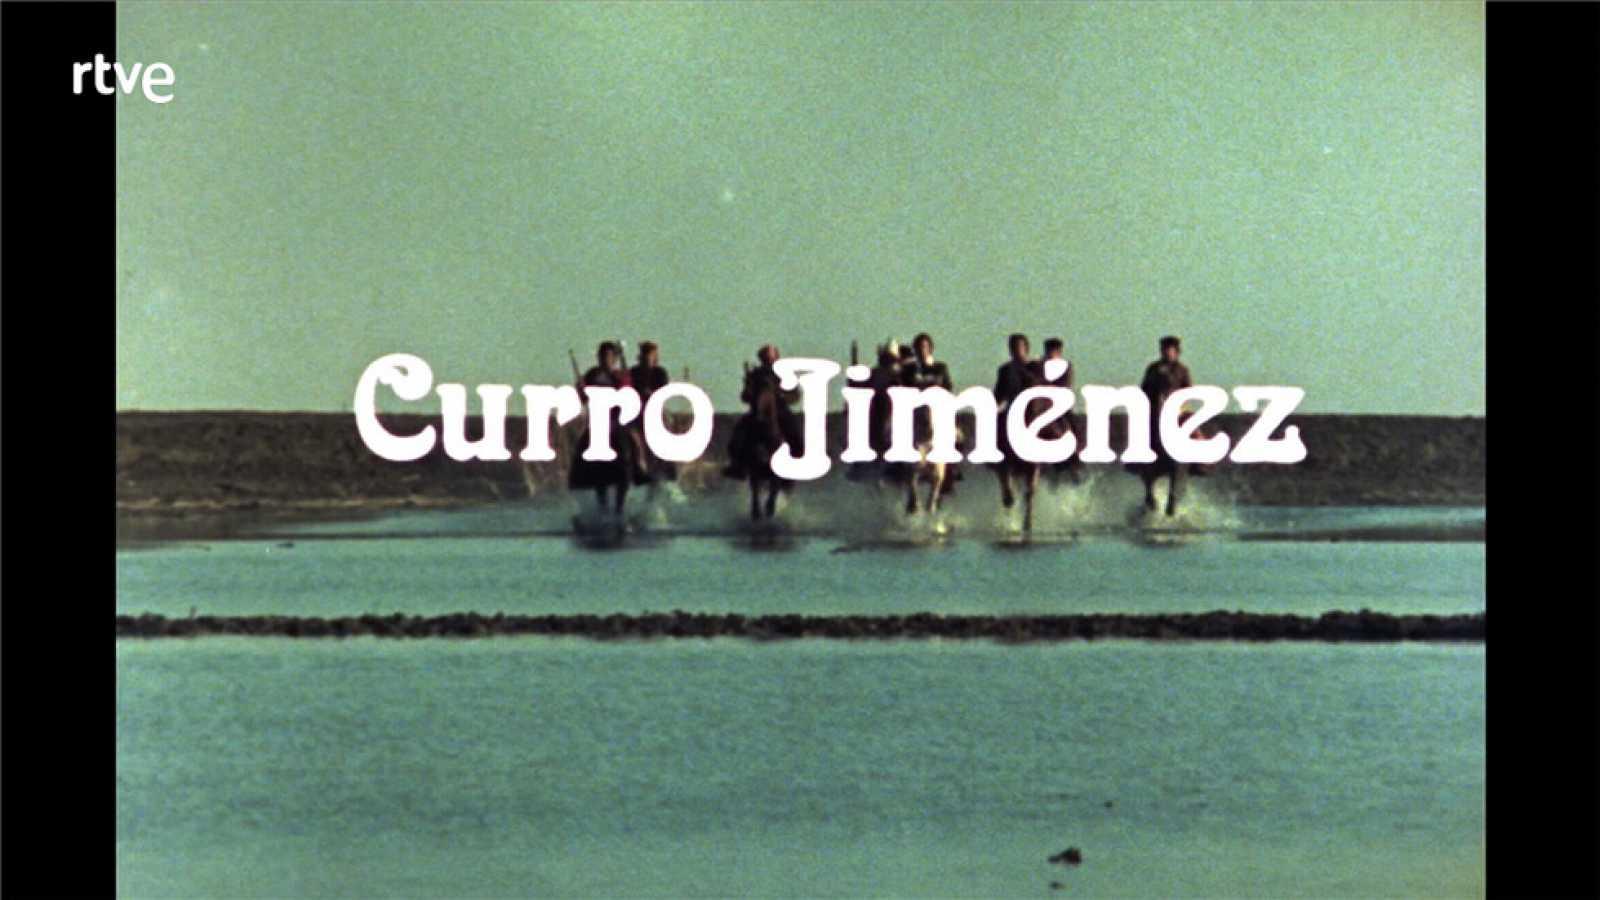 Series de televisión españolas que recuerdas gracias a sus sintonías  Curro-jimenez